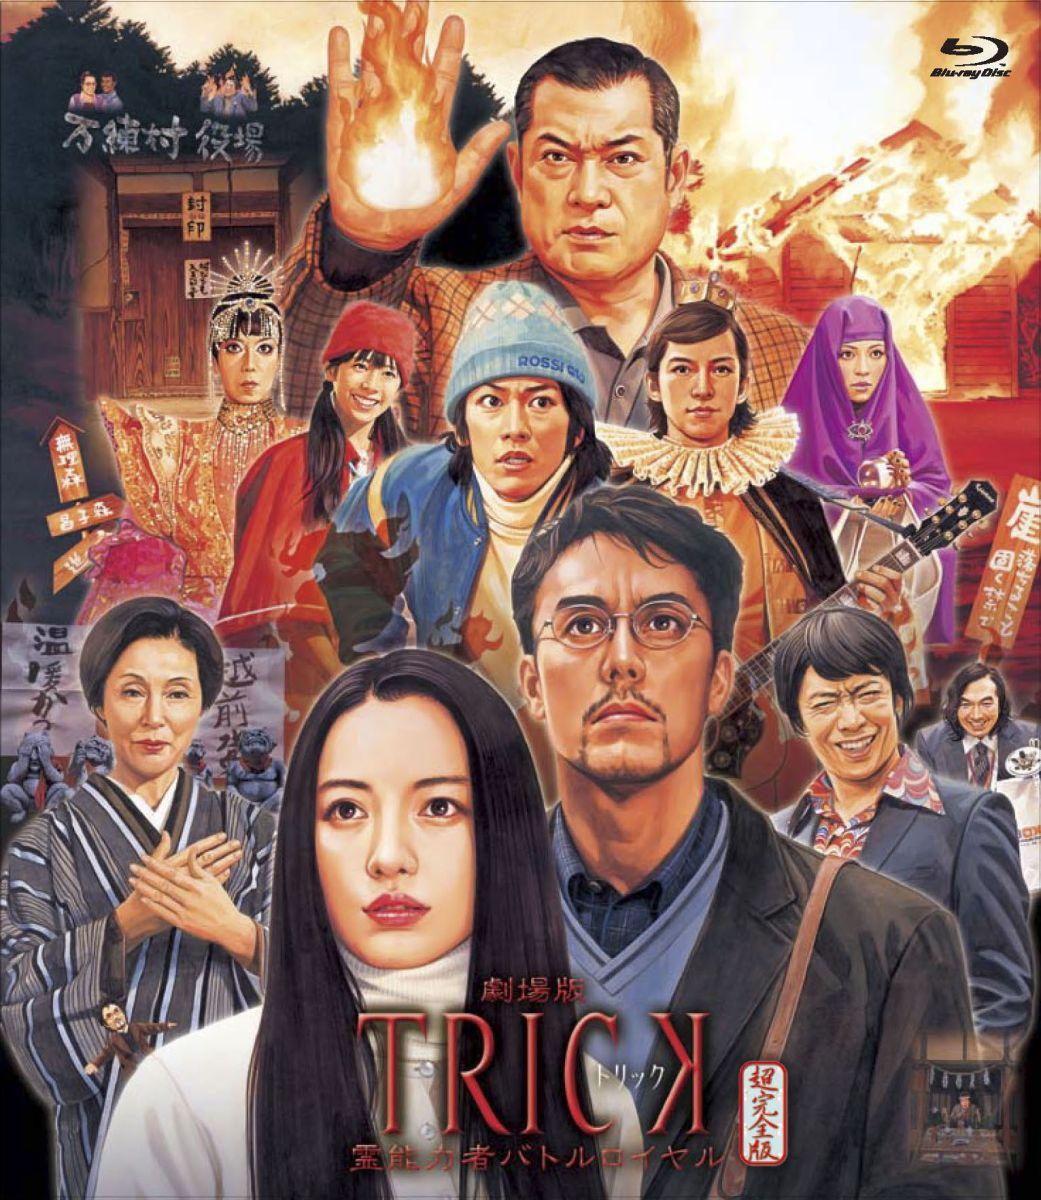 劇場版TRICK 霊能力者バトルロイヤル[TBR-23515D][Blu-ray/ブルーレイ] 製品画像